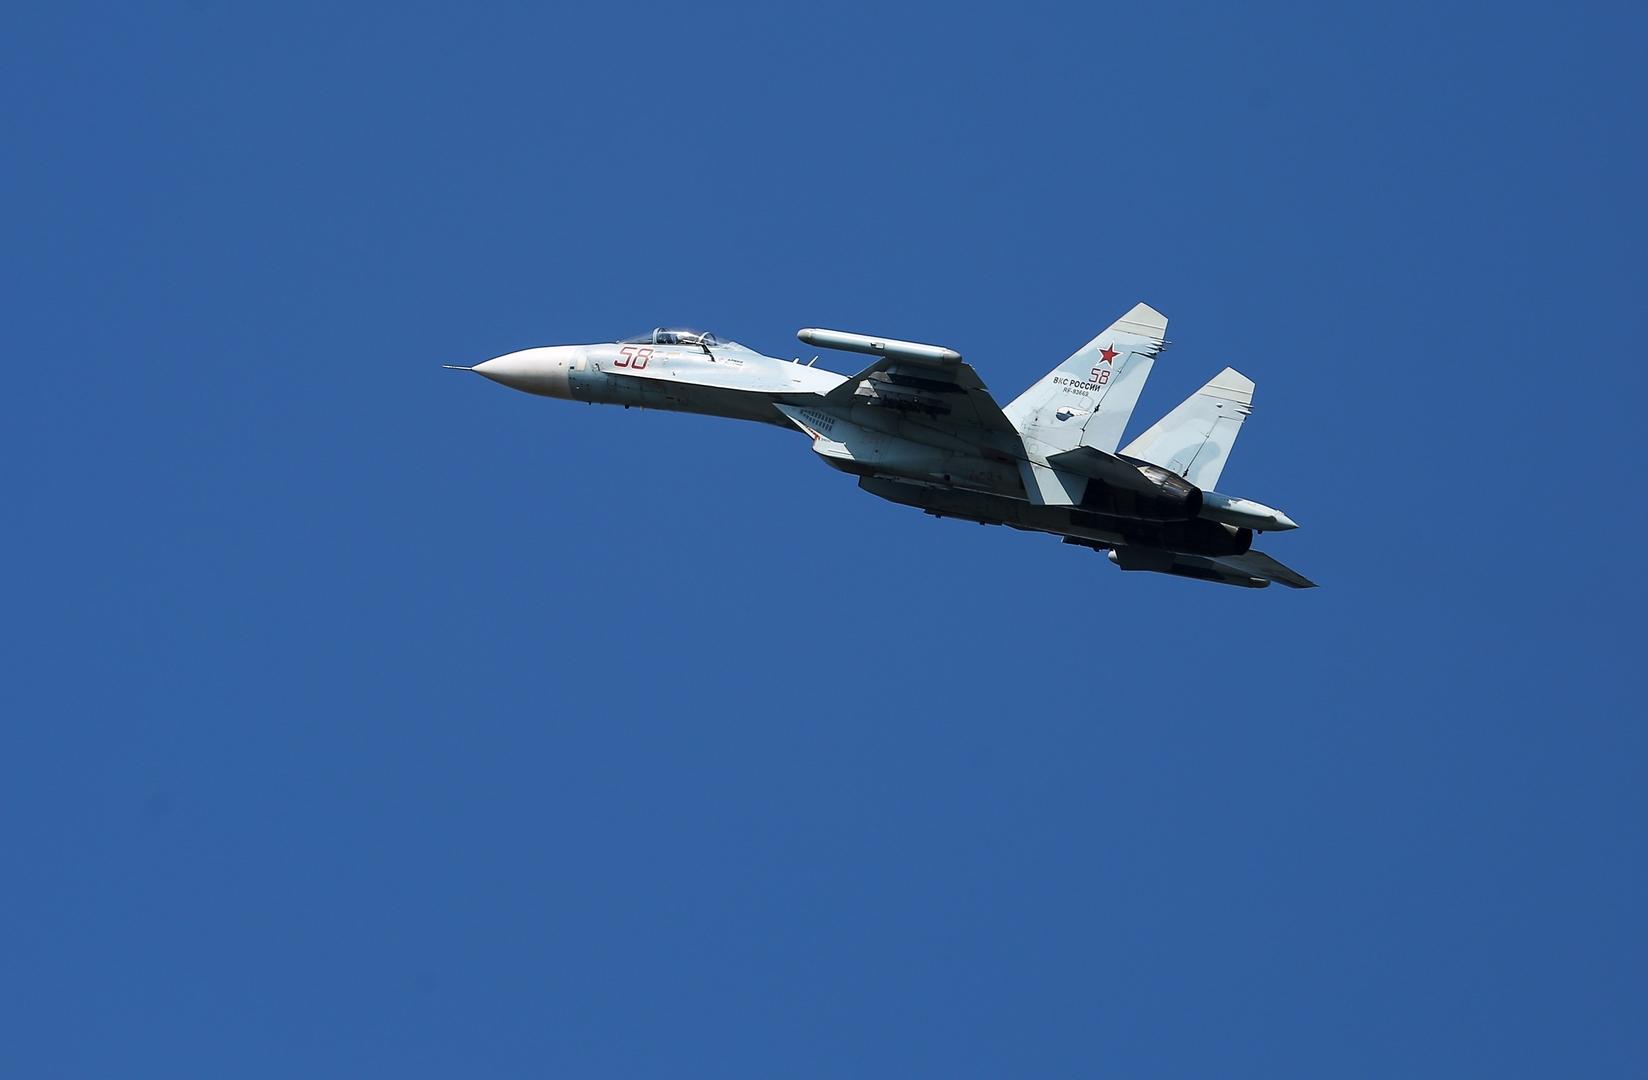 مقاتلة روسية تعترض طائرة  استطلاع أمريكية في منطقة بحر بارنتس